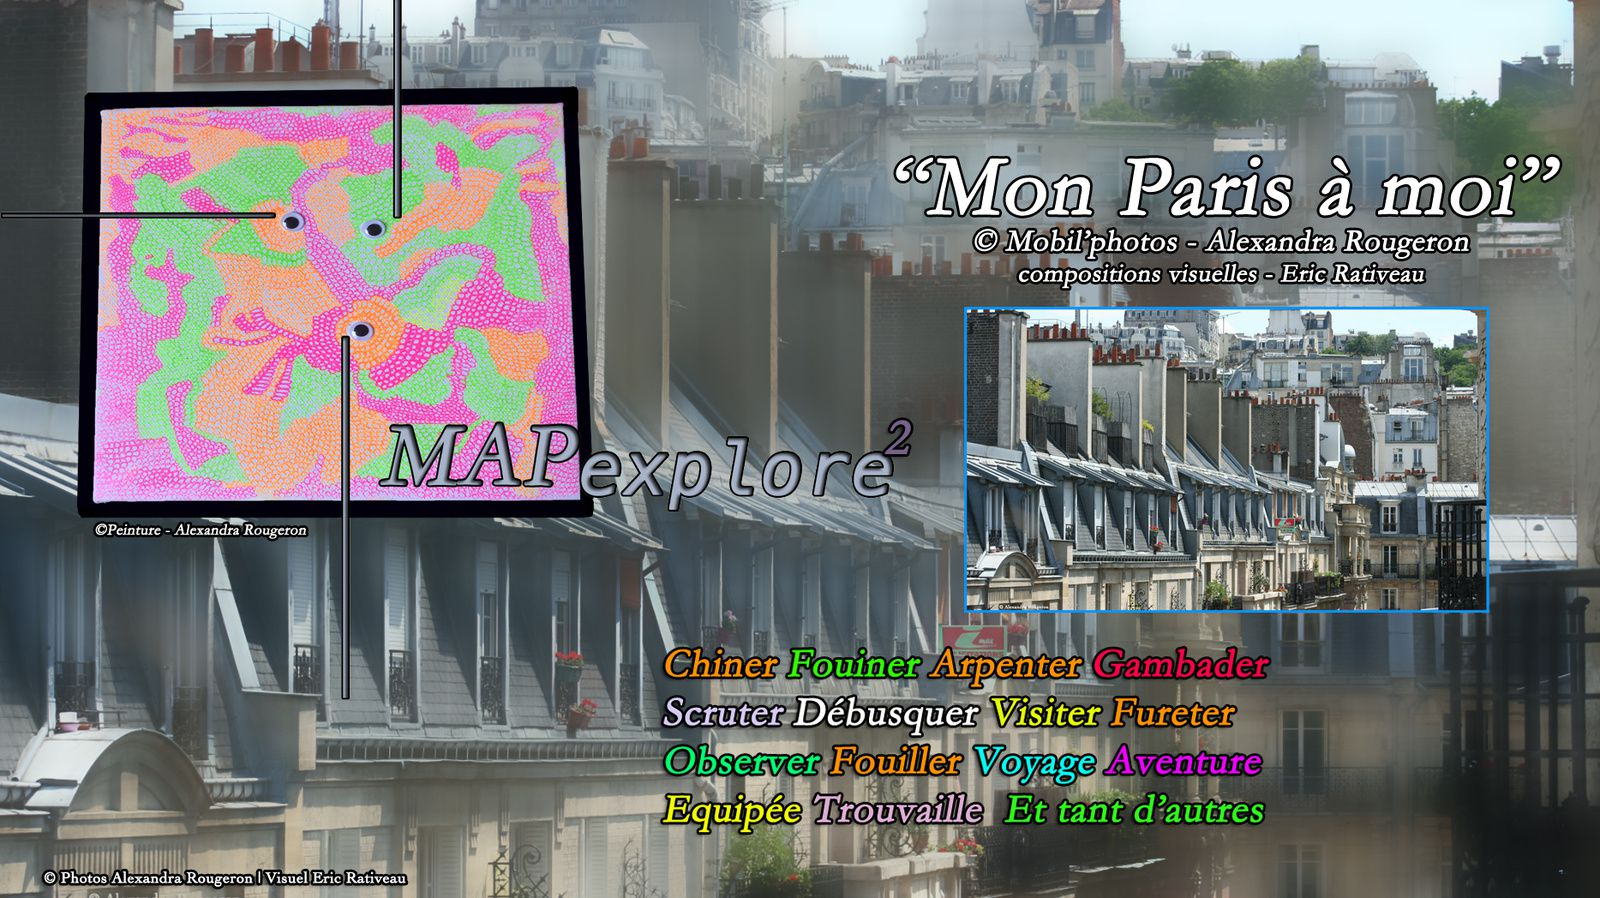 Bienvenue à vous. Montmartre Paris 18ème : Un univers